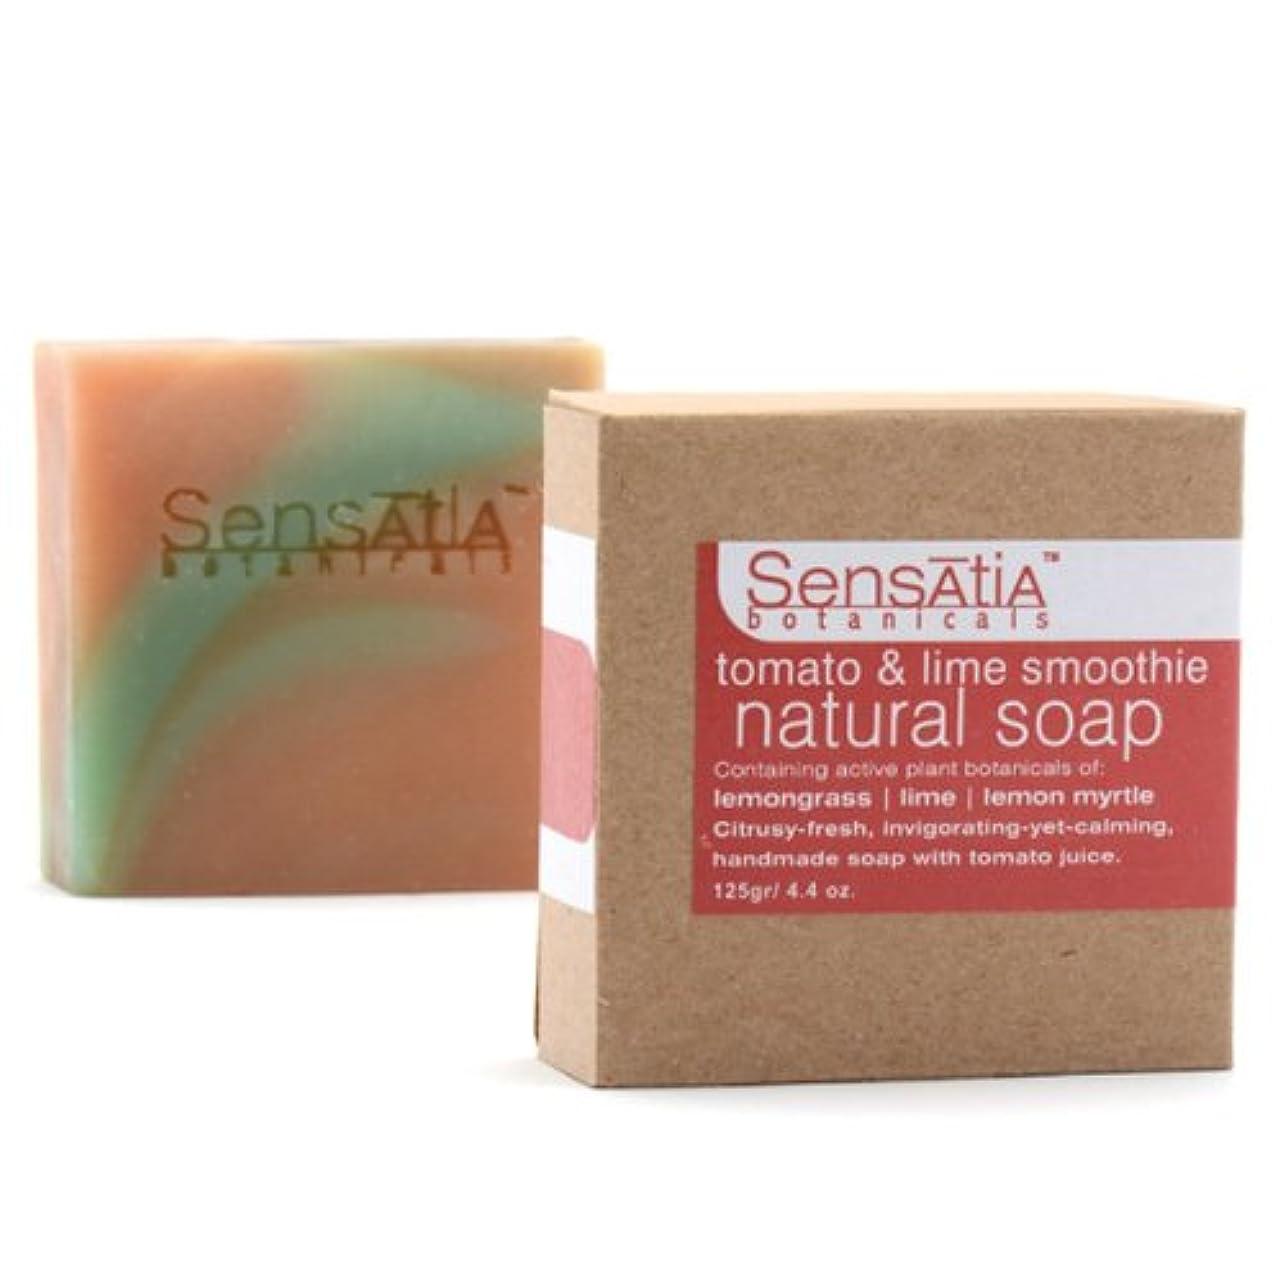 カフェテリア意識より良いSensatia(センセイシャ) フレーバーソープ トマト&ライムスムージー 125g